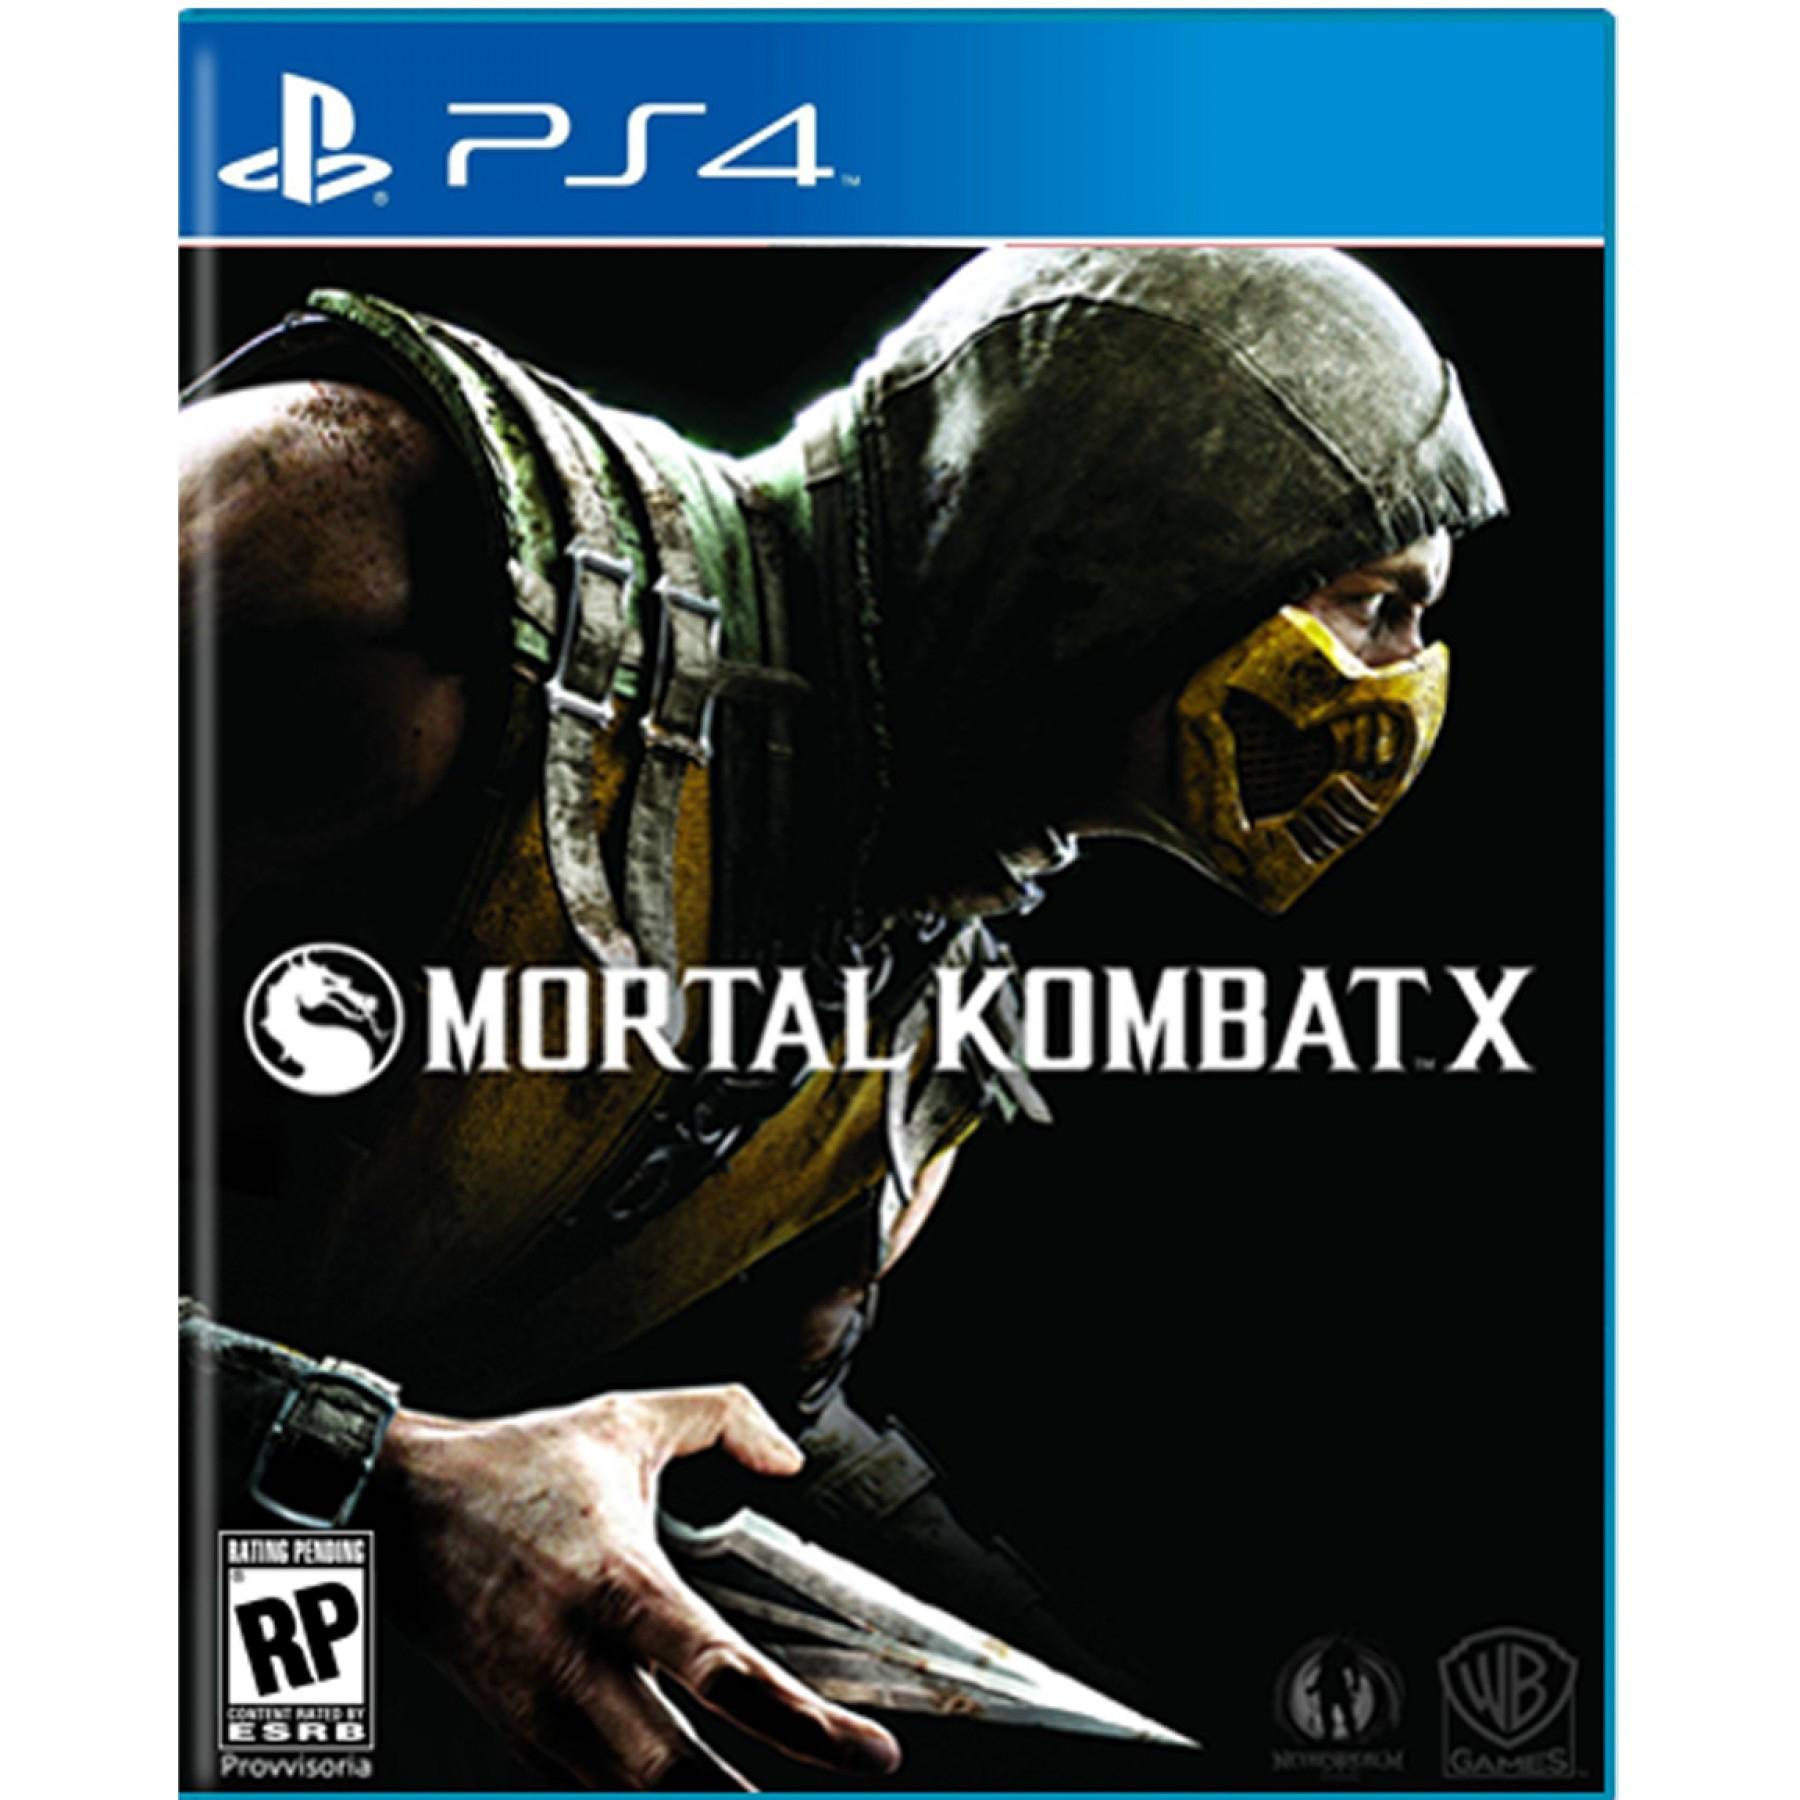 Palacio de Hierro: Mortal Kombat X para PS4 a $539